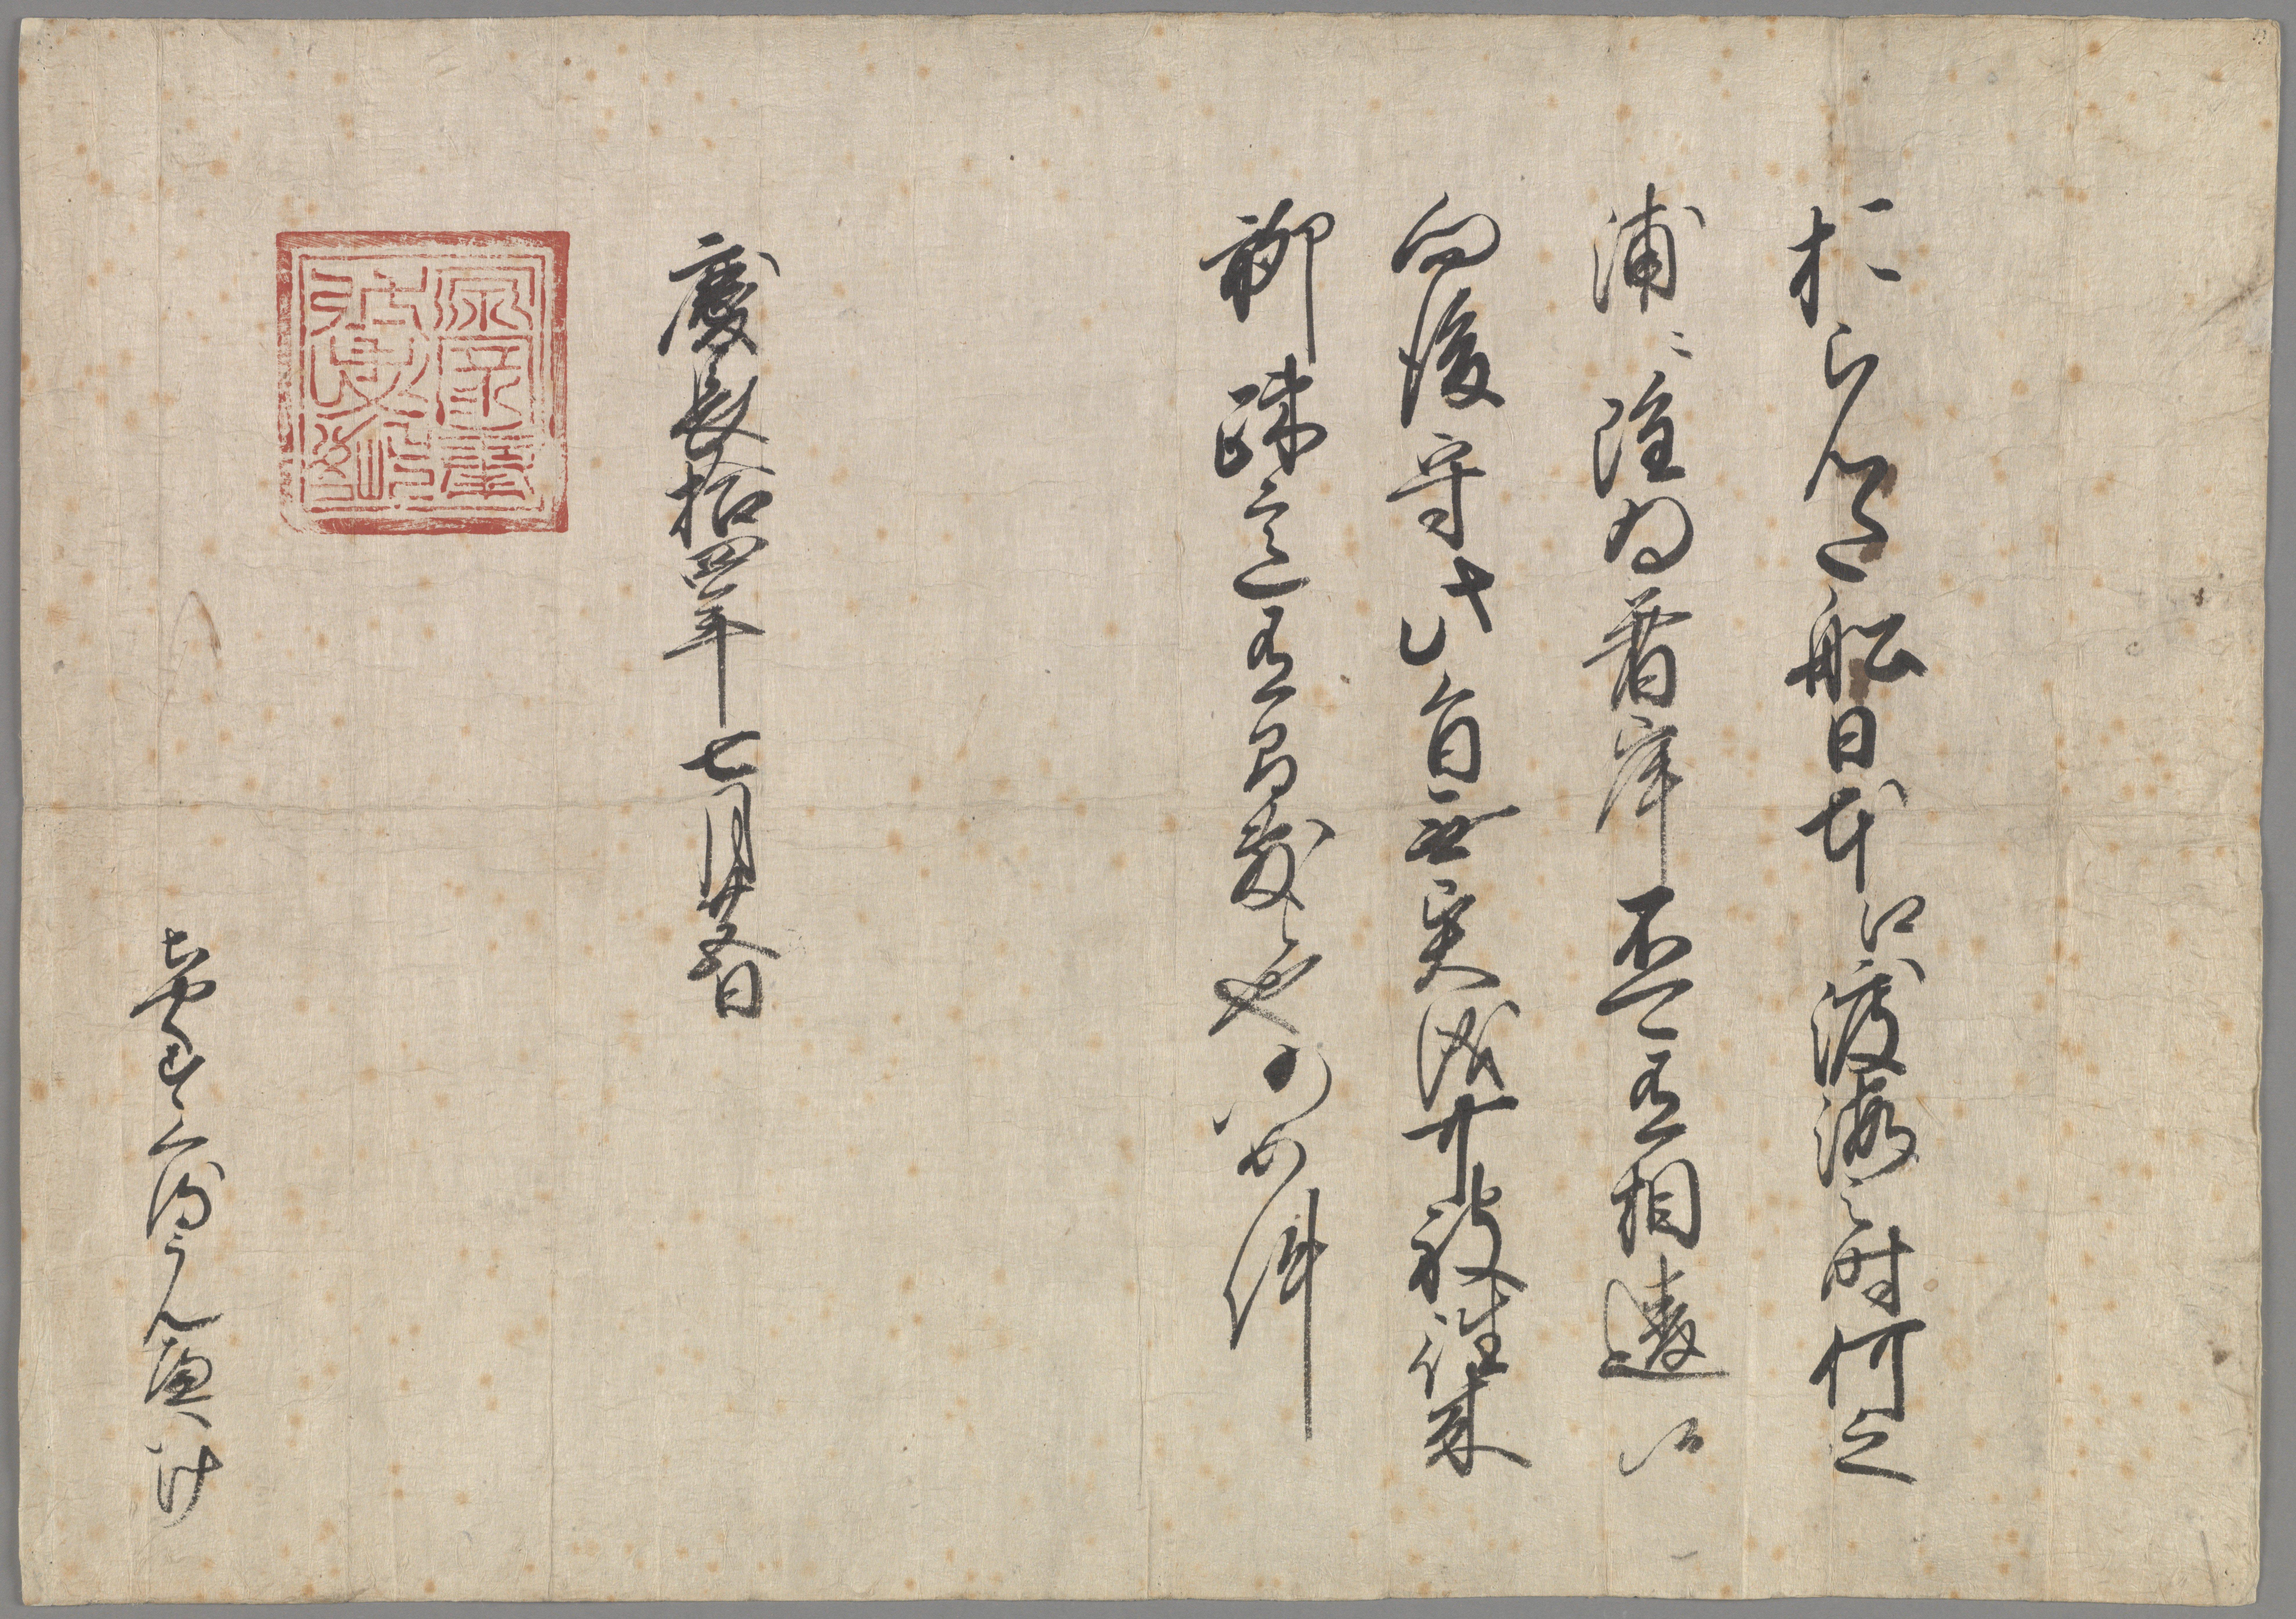 江戸時代 - Wikipedia